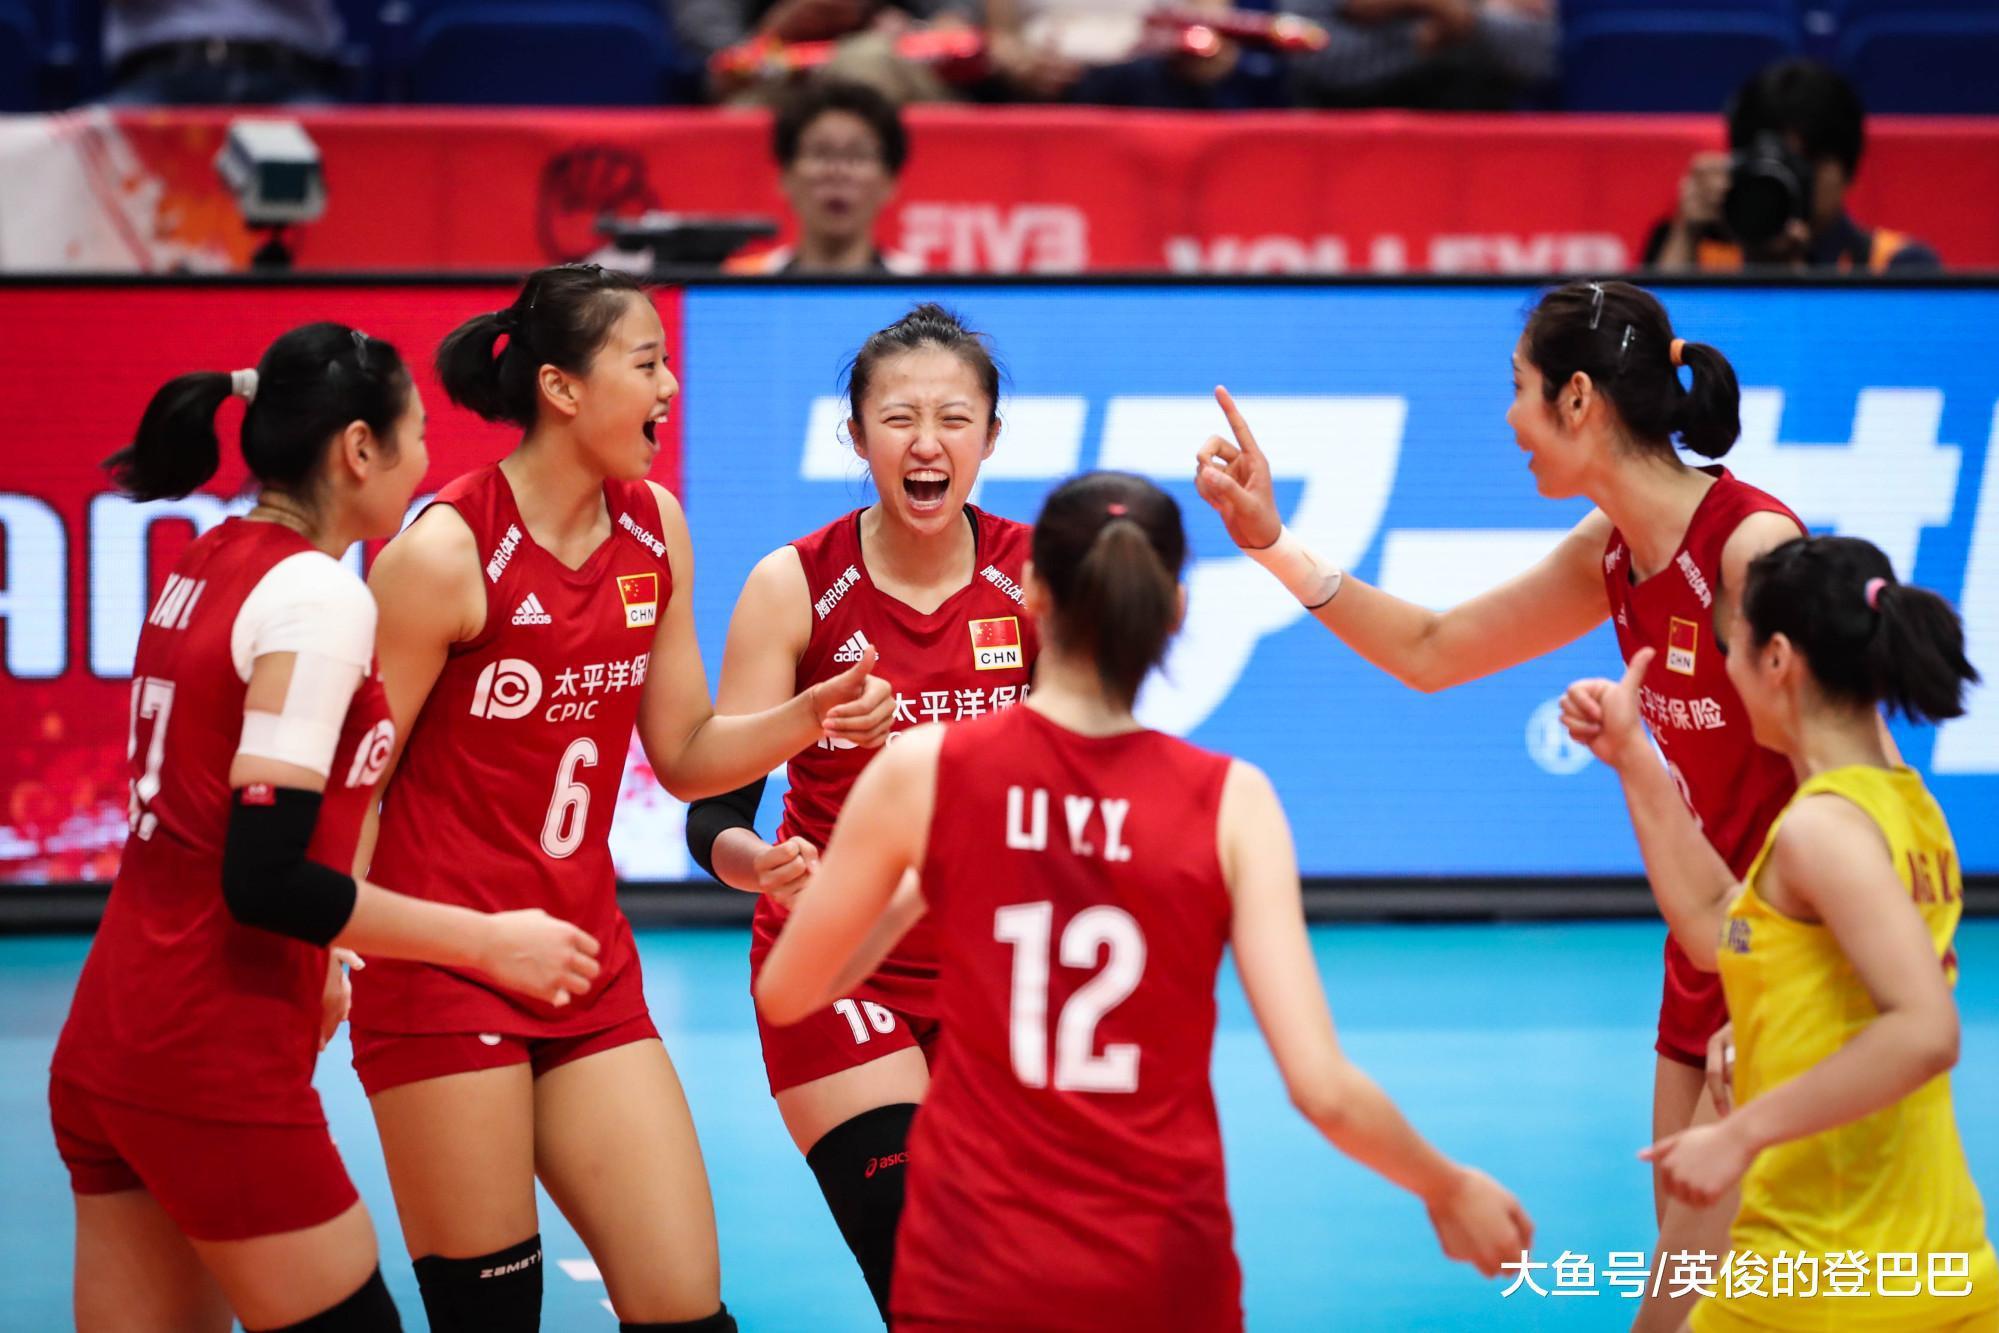 女排世界杯最新积分榜:中国女排3-0,世界第一2连胜,韩国又输了